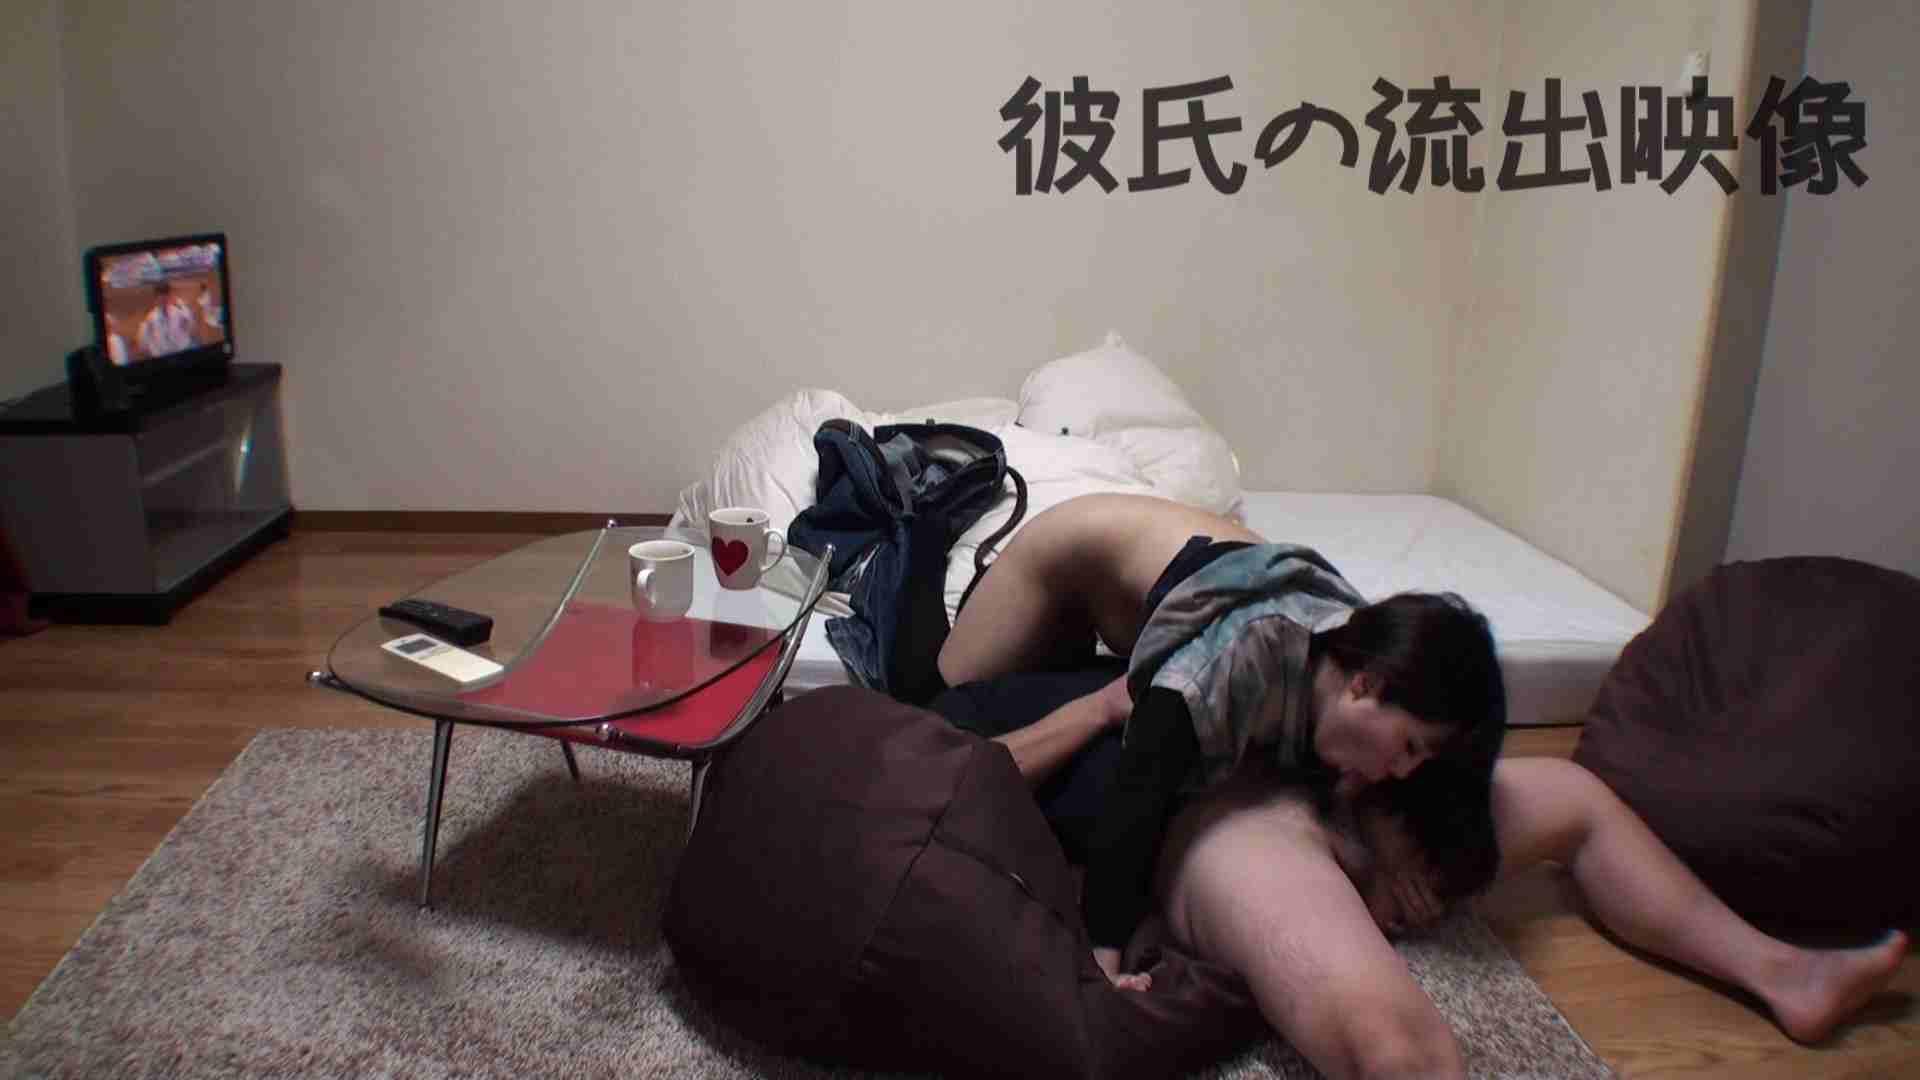 彼氏が流出 パイパン素人嬢のハメ撮り映像02 SEX  92連発 58